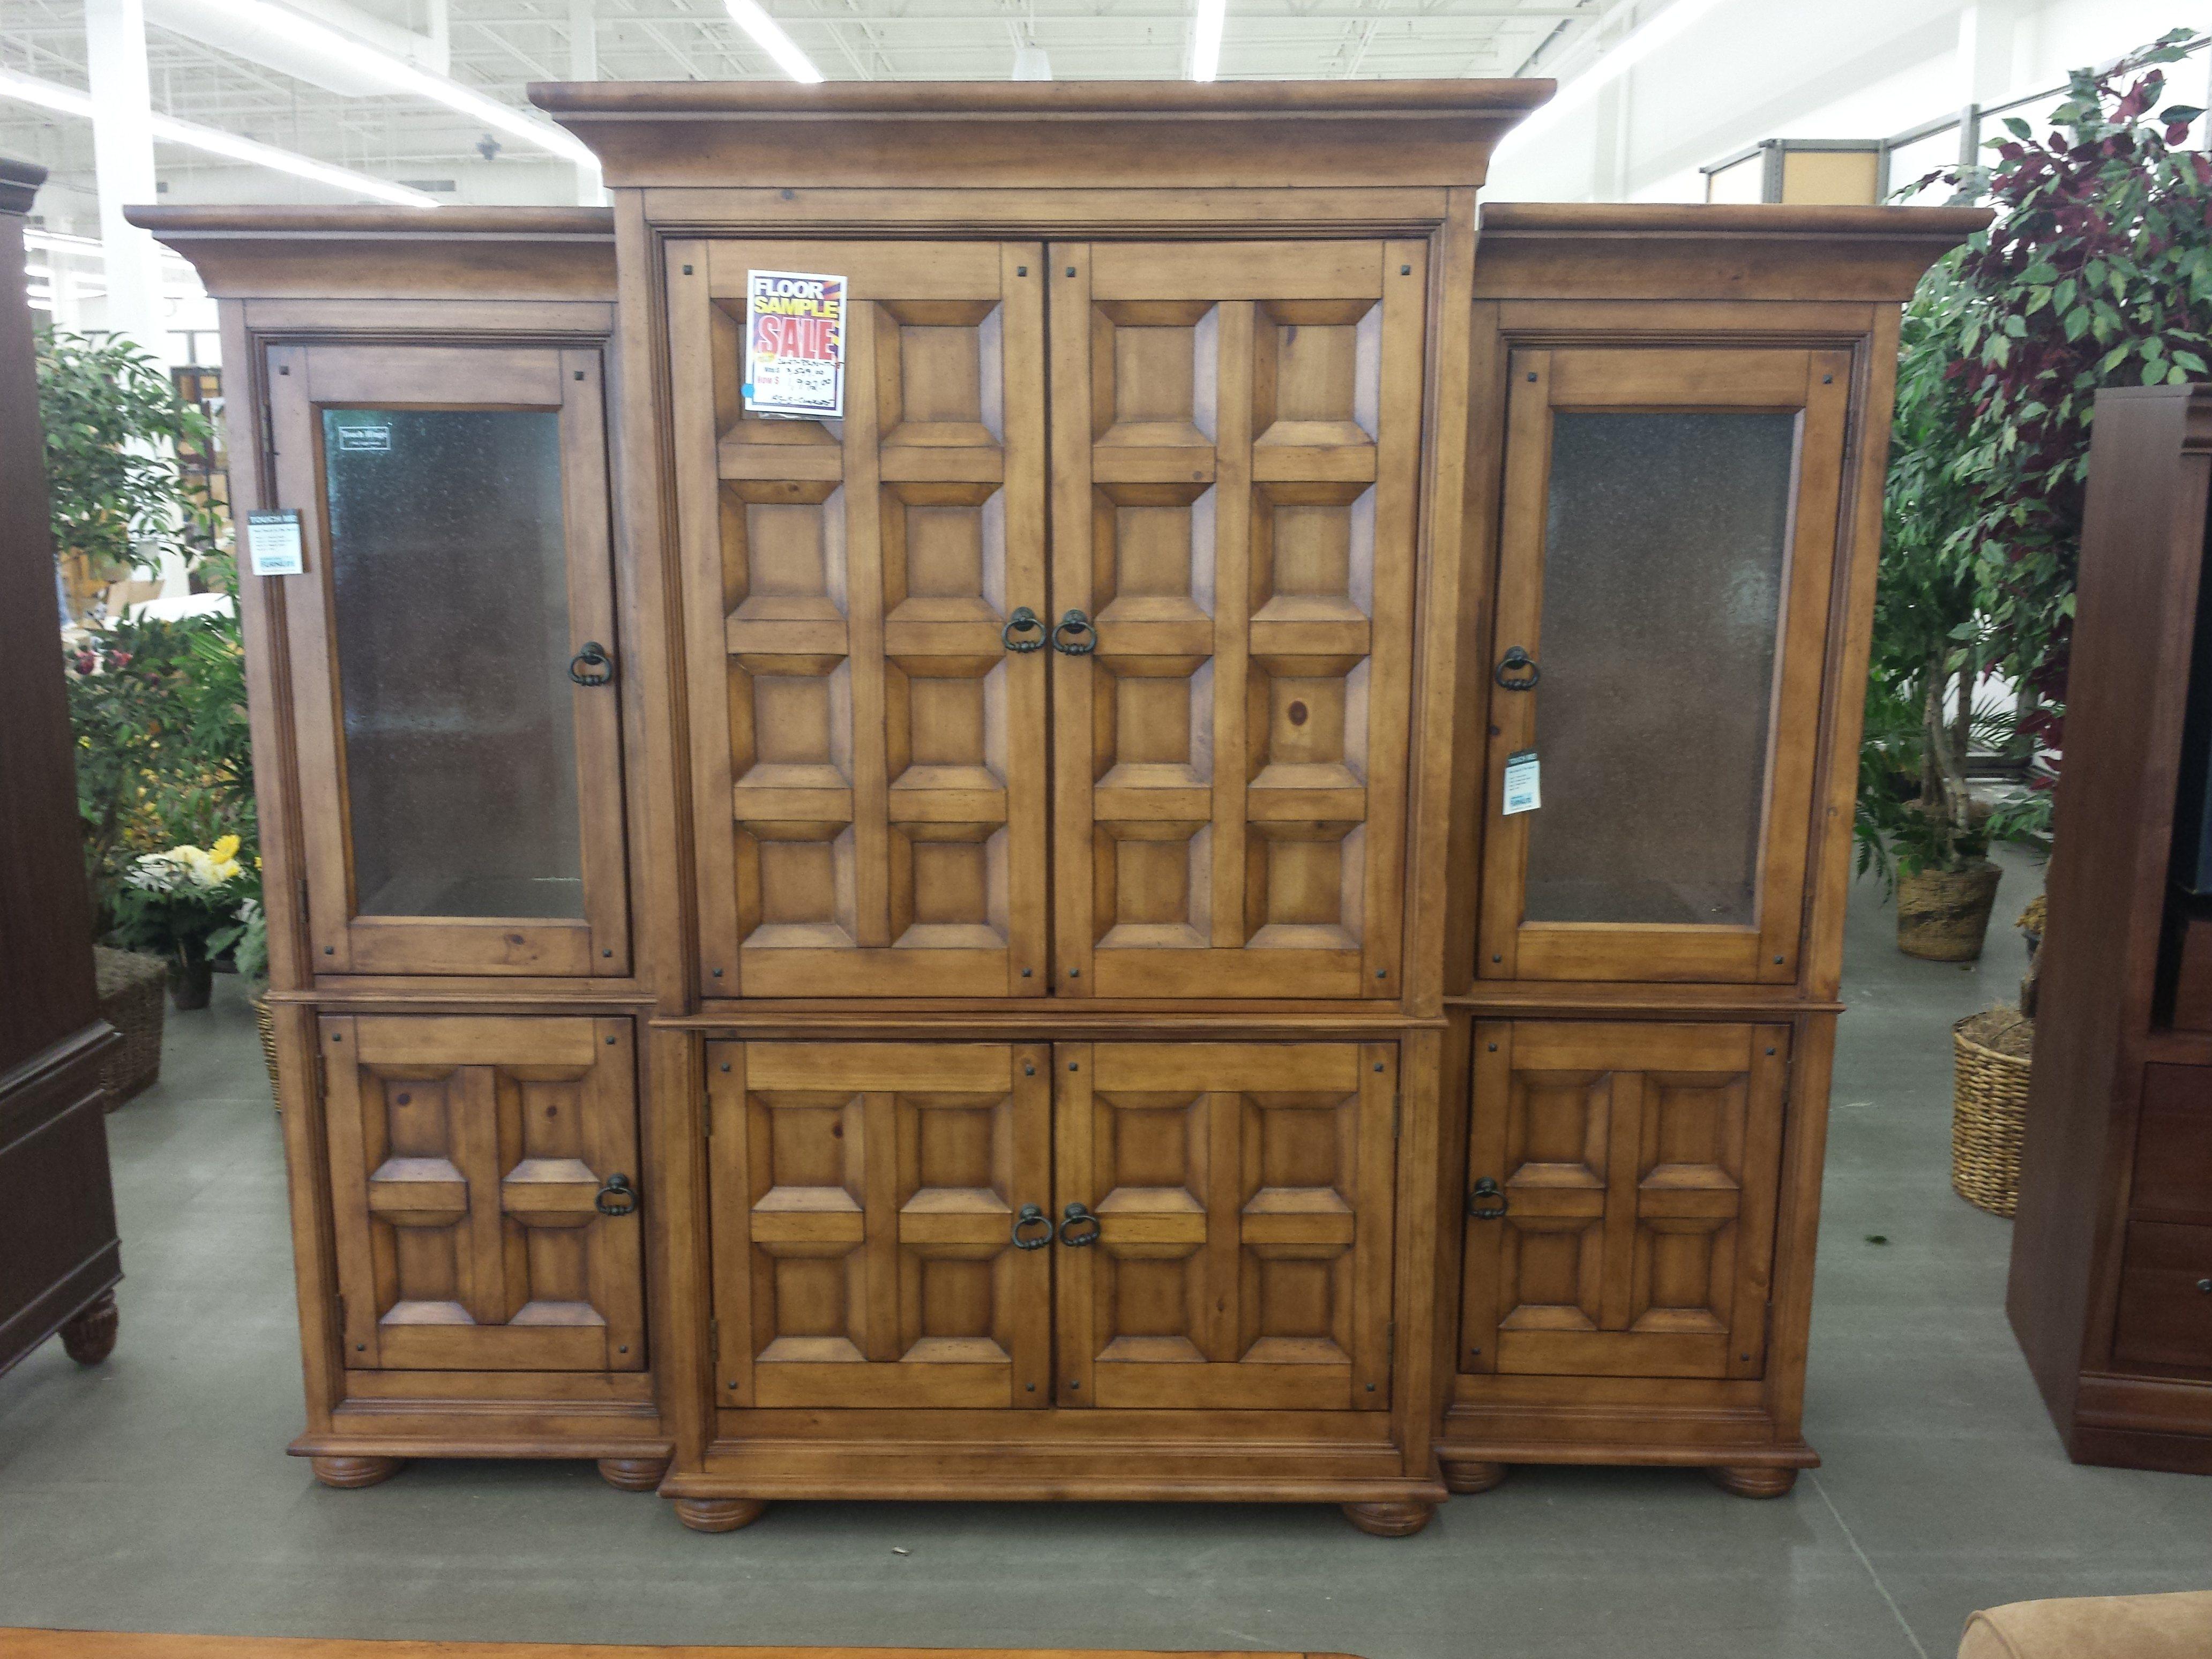 Clearance Furniture Broyhill Of Denver Denver Aurora Parker Highlands Ranch Castle Rock